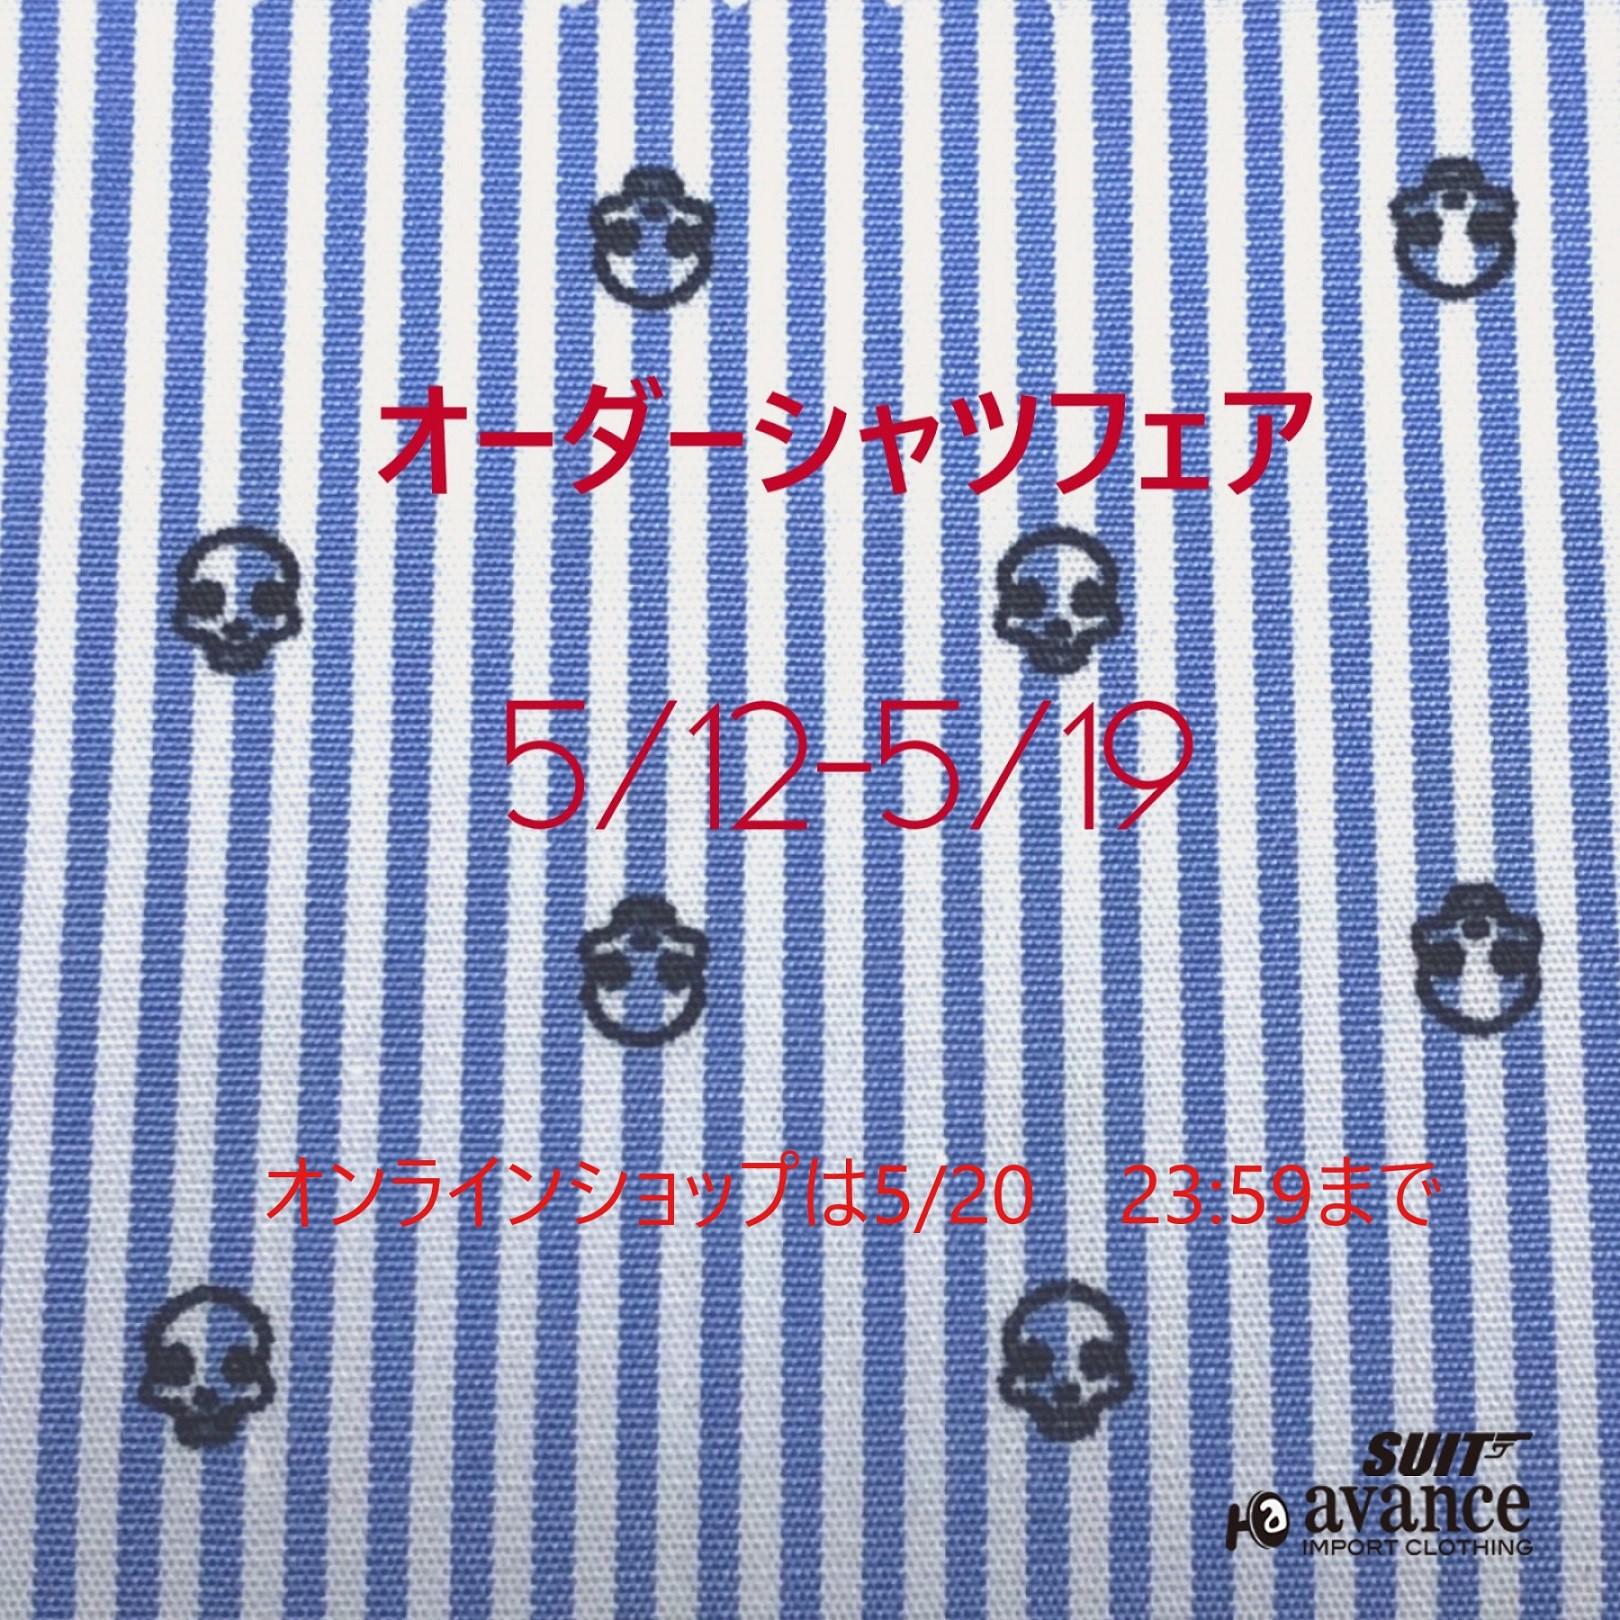 期間限定5月20日まで!2枚で2万のイタリア・カンクリーニ・ファブリック2Pオーダーシャツフェア!